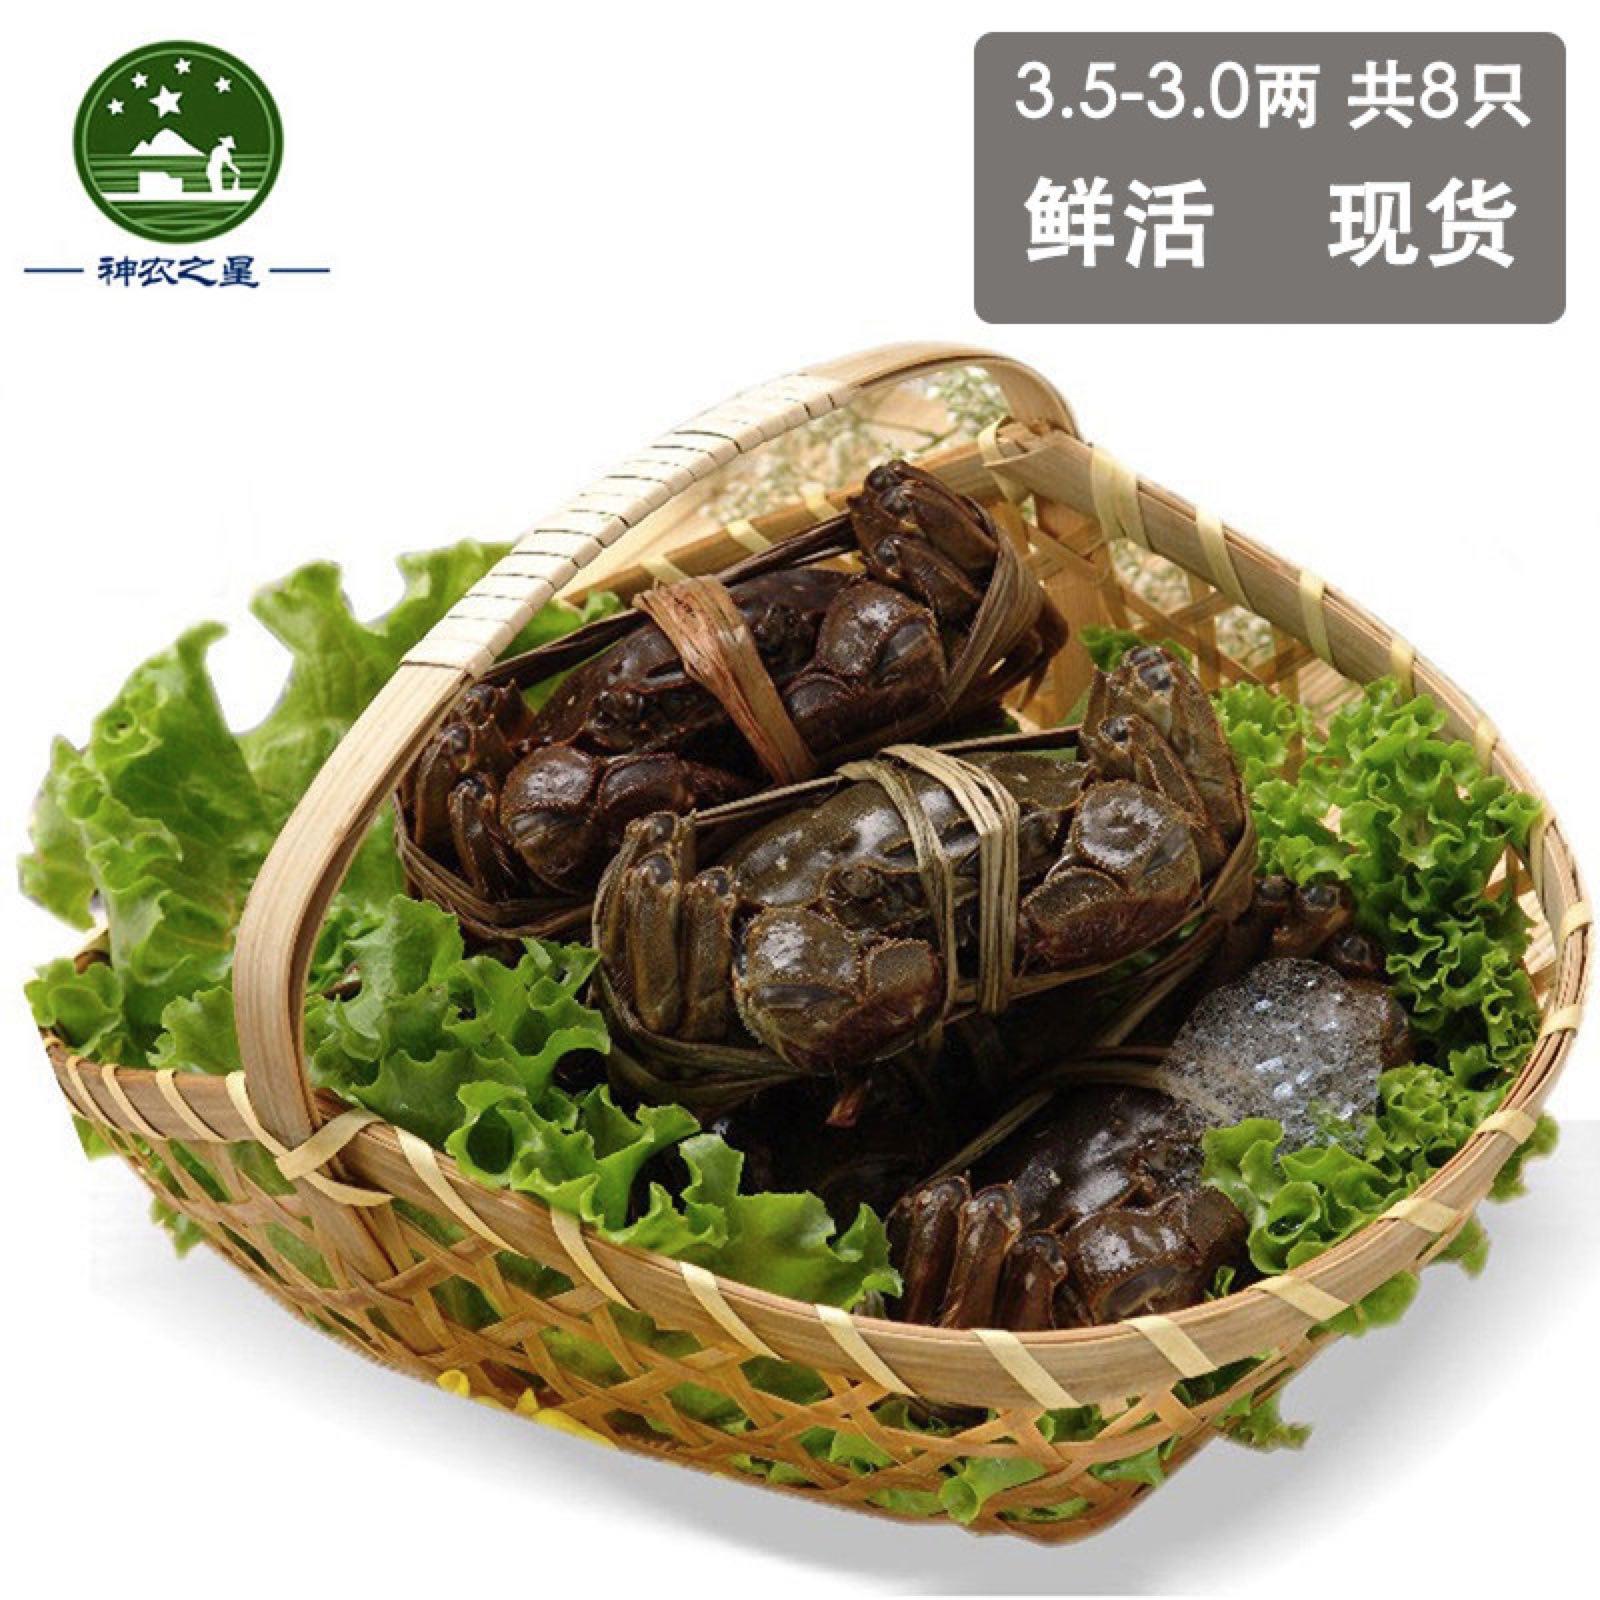 现货六月黄大螃蟹8只装大闸蟹 3.5-3.0 鲜活 原产地全母螃蟹